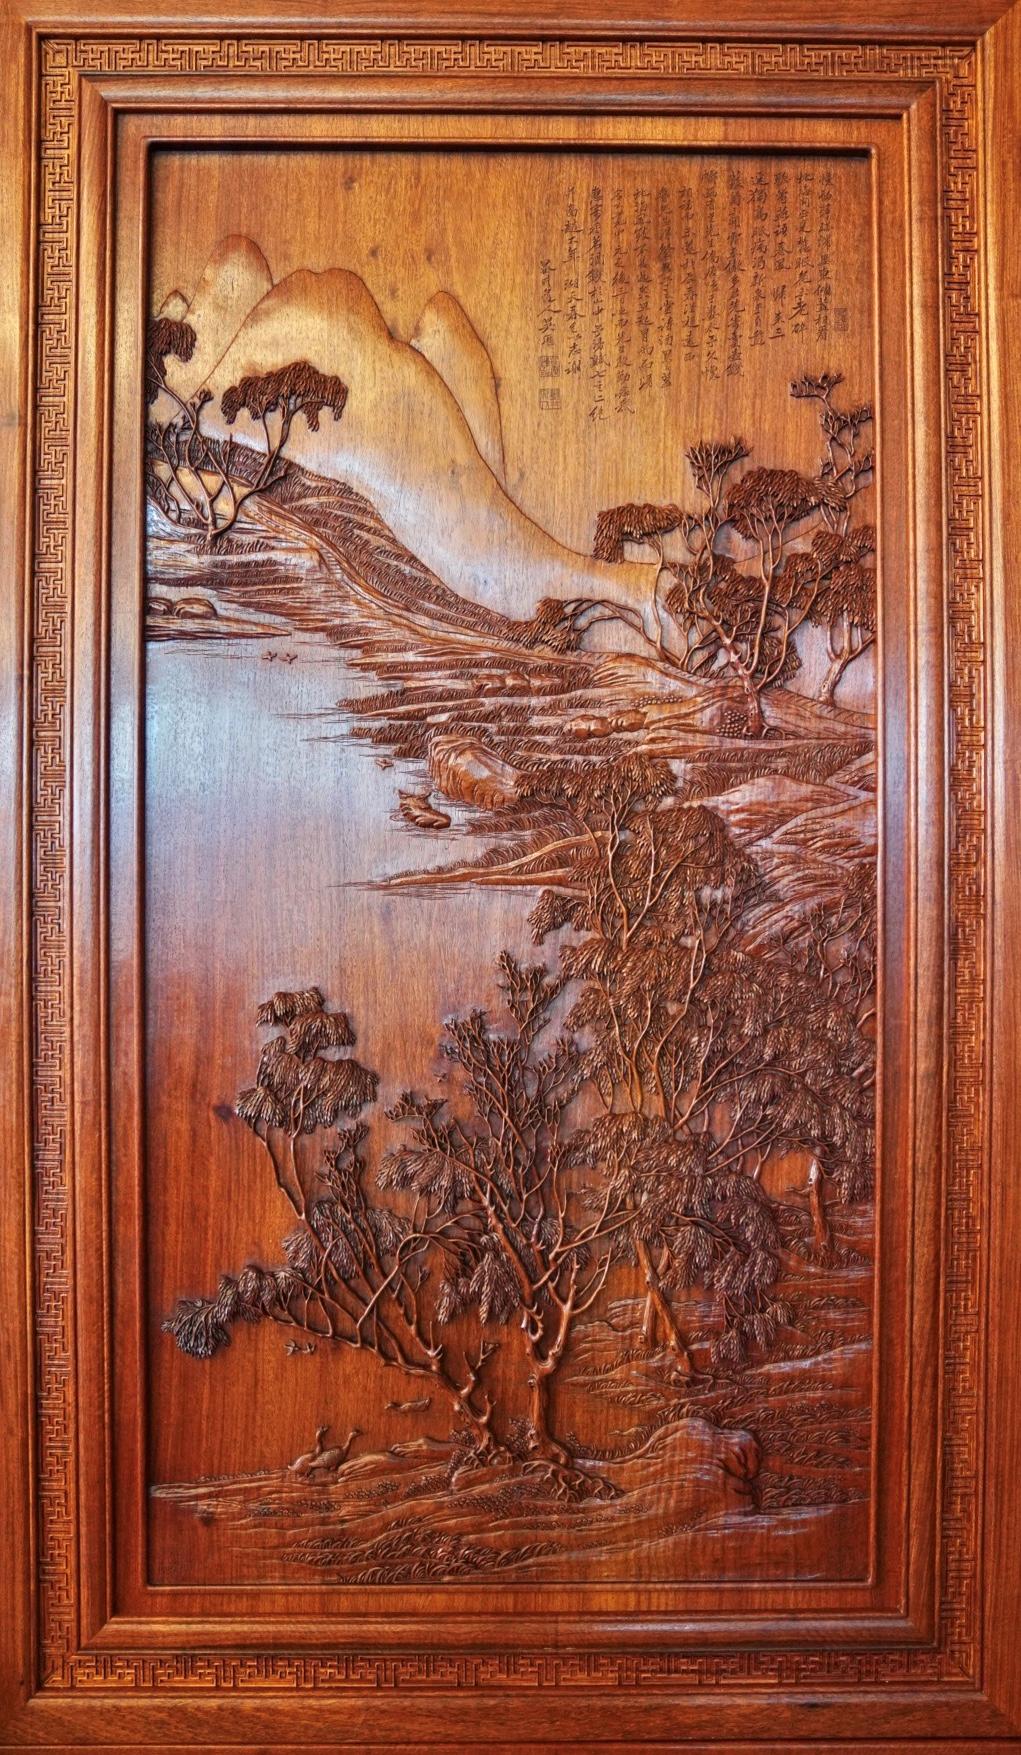 助推常熟澳门文化交流合作—东方红木木雕《湖天春色图》揭幕